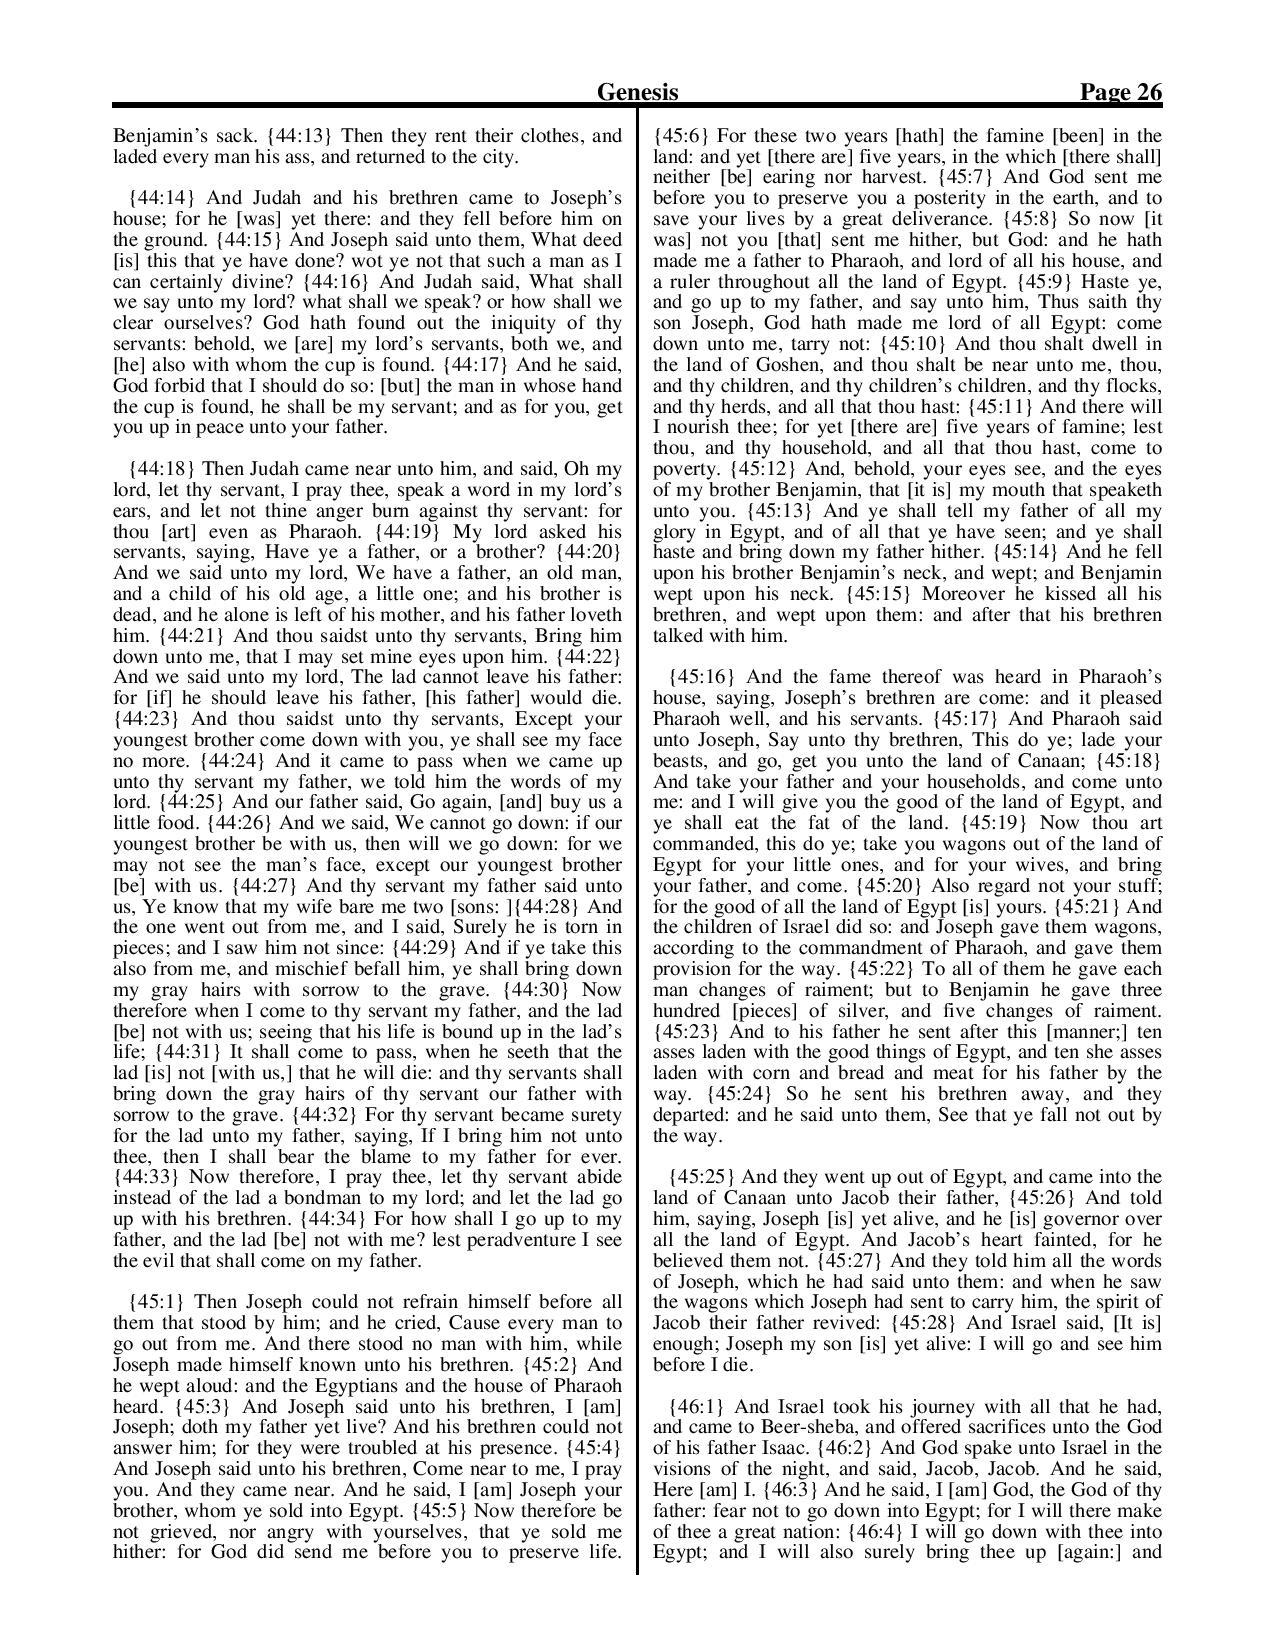 King-James-Bible-KJV-Bible-PDF-page-047